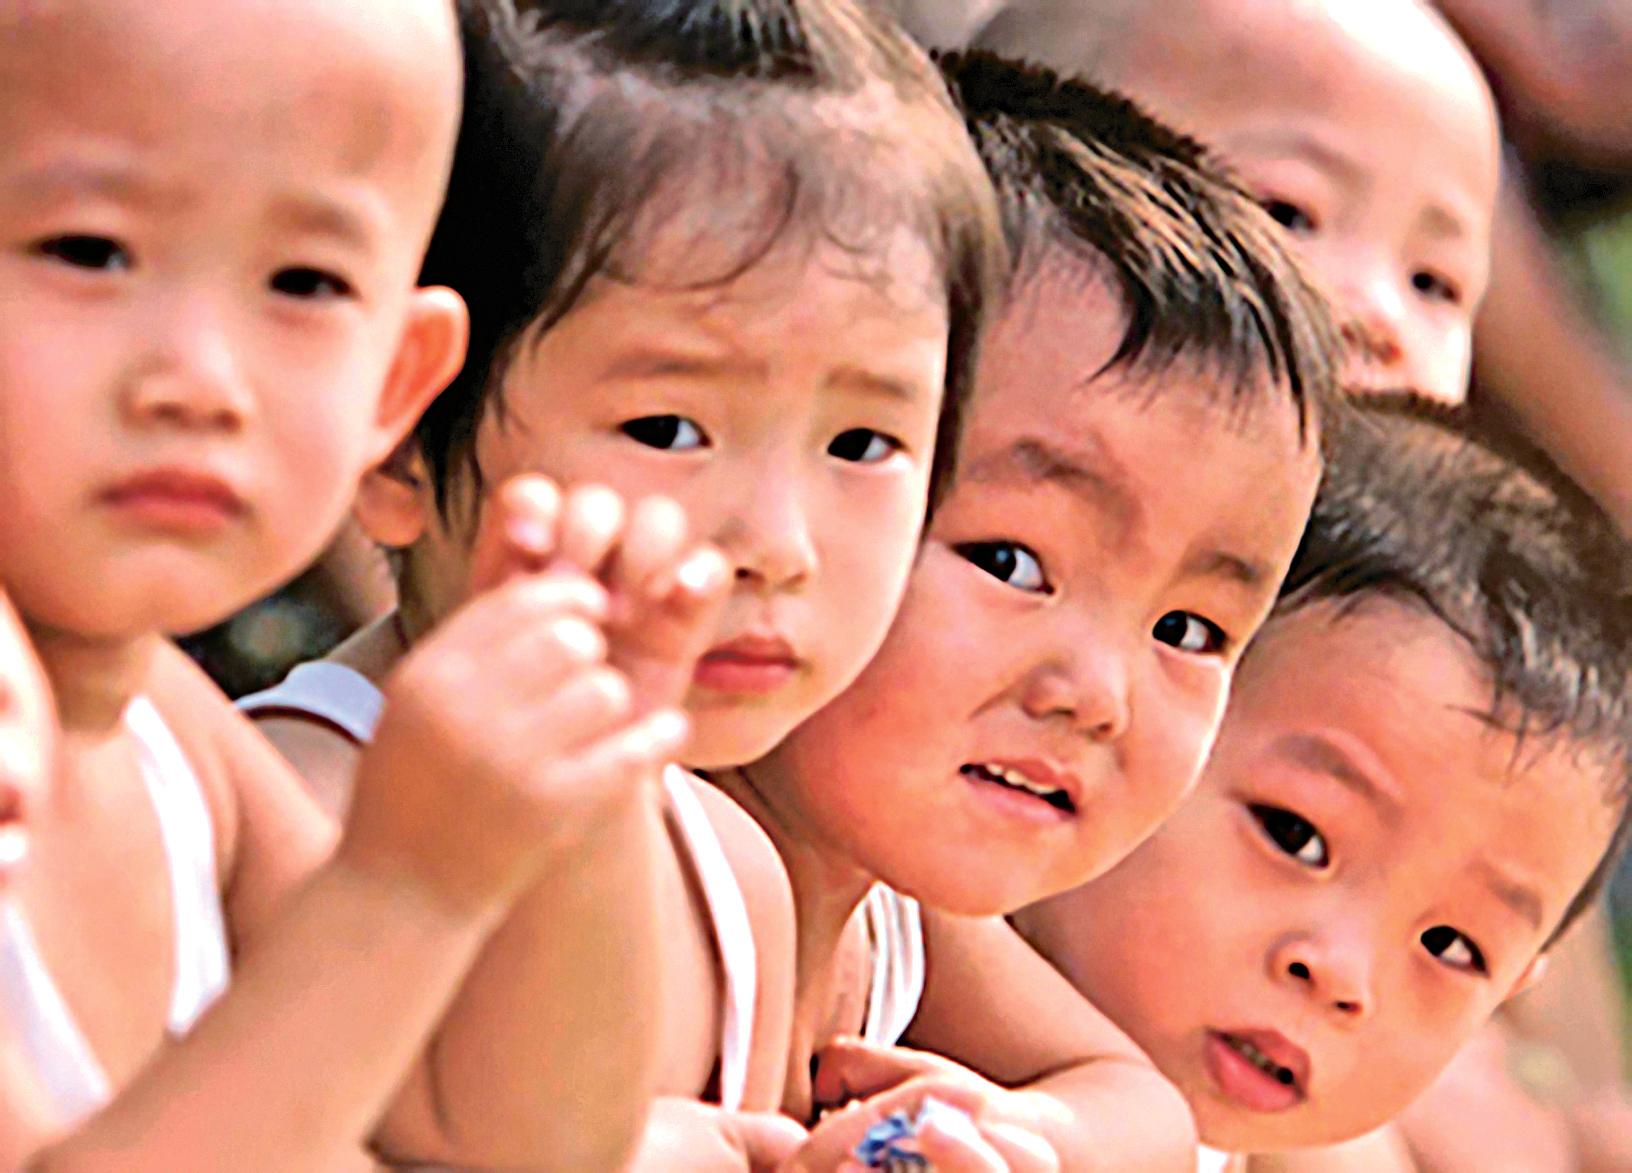 美媒報道,中國每年墮胎2,300萬例,平均每天逾63,000名胎兒死於墮胎,很多是當局強迫所致。圖為中國兒童。(AFP)